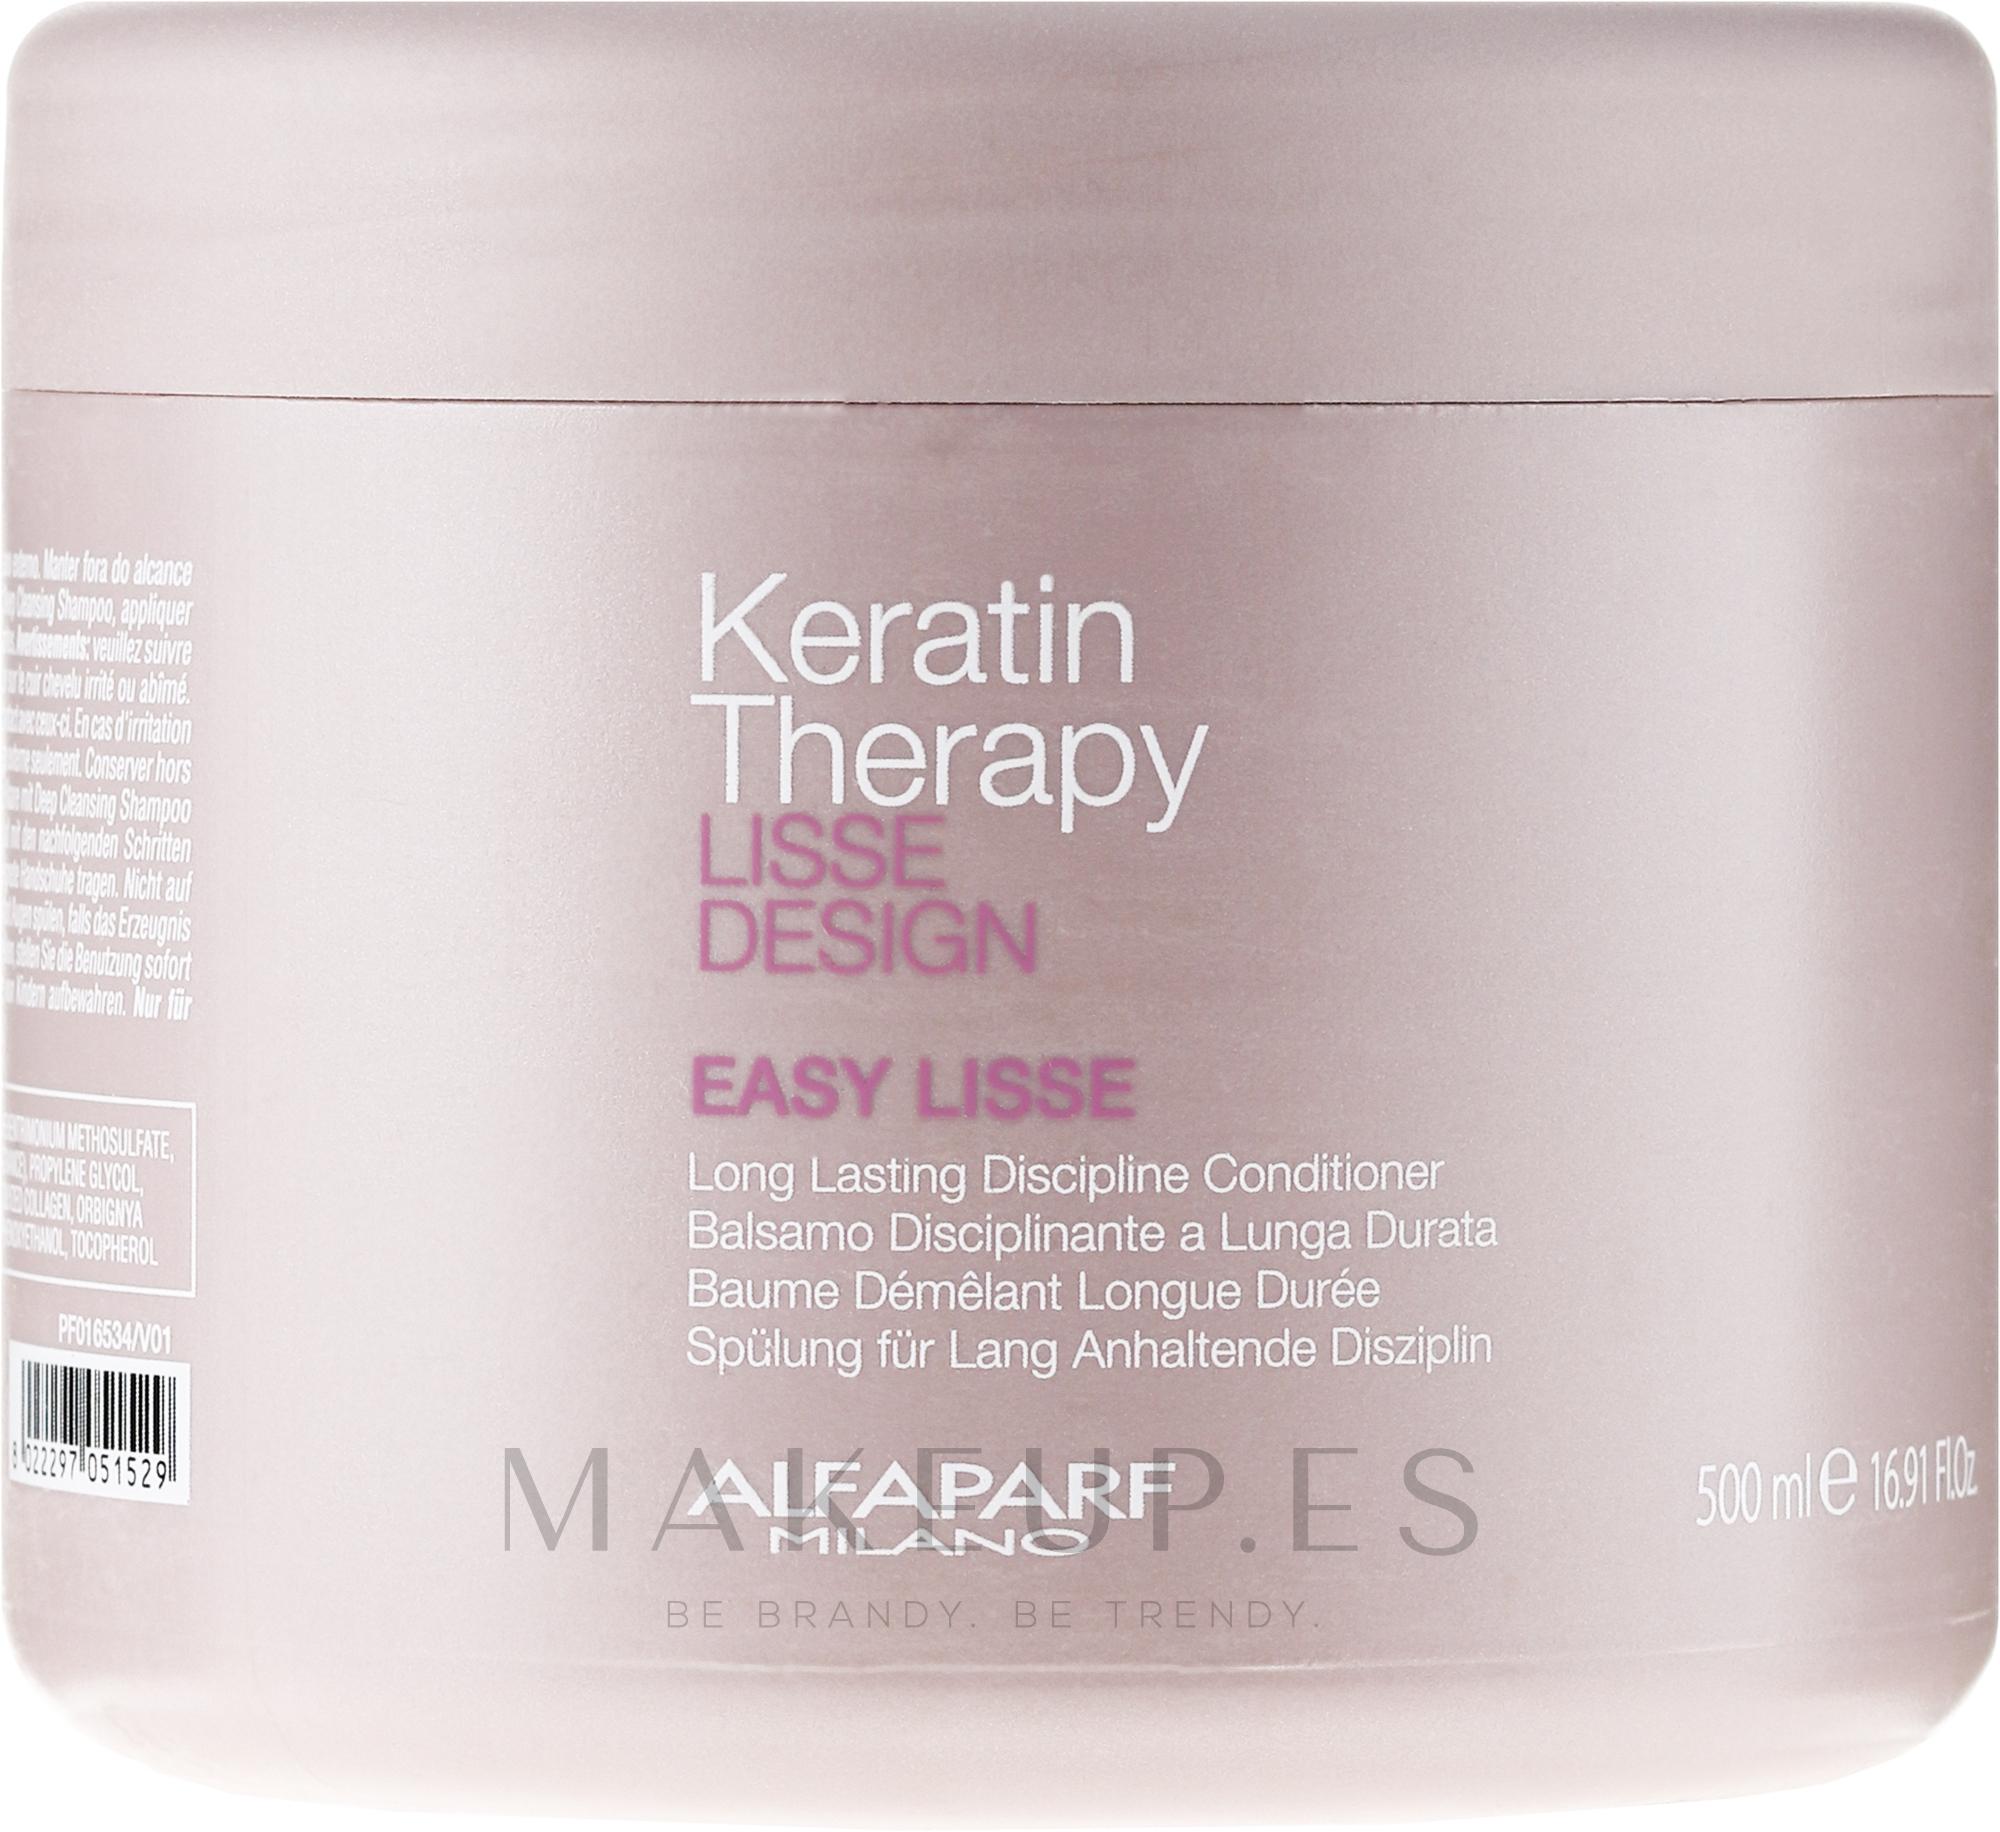 Acondicionador con queratina hidrolizada - Alfaparf Lisse Design Keratin Therapy Easy Lisse — imagen 500 ml